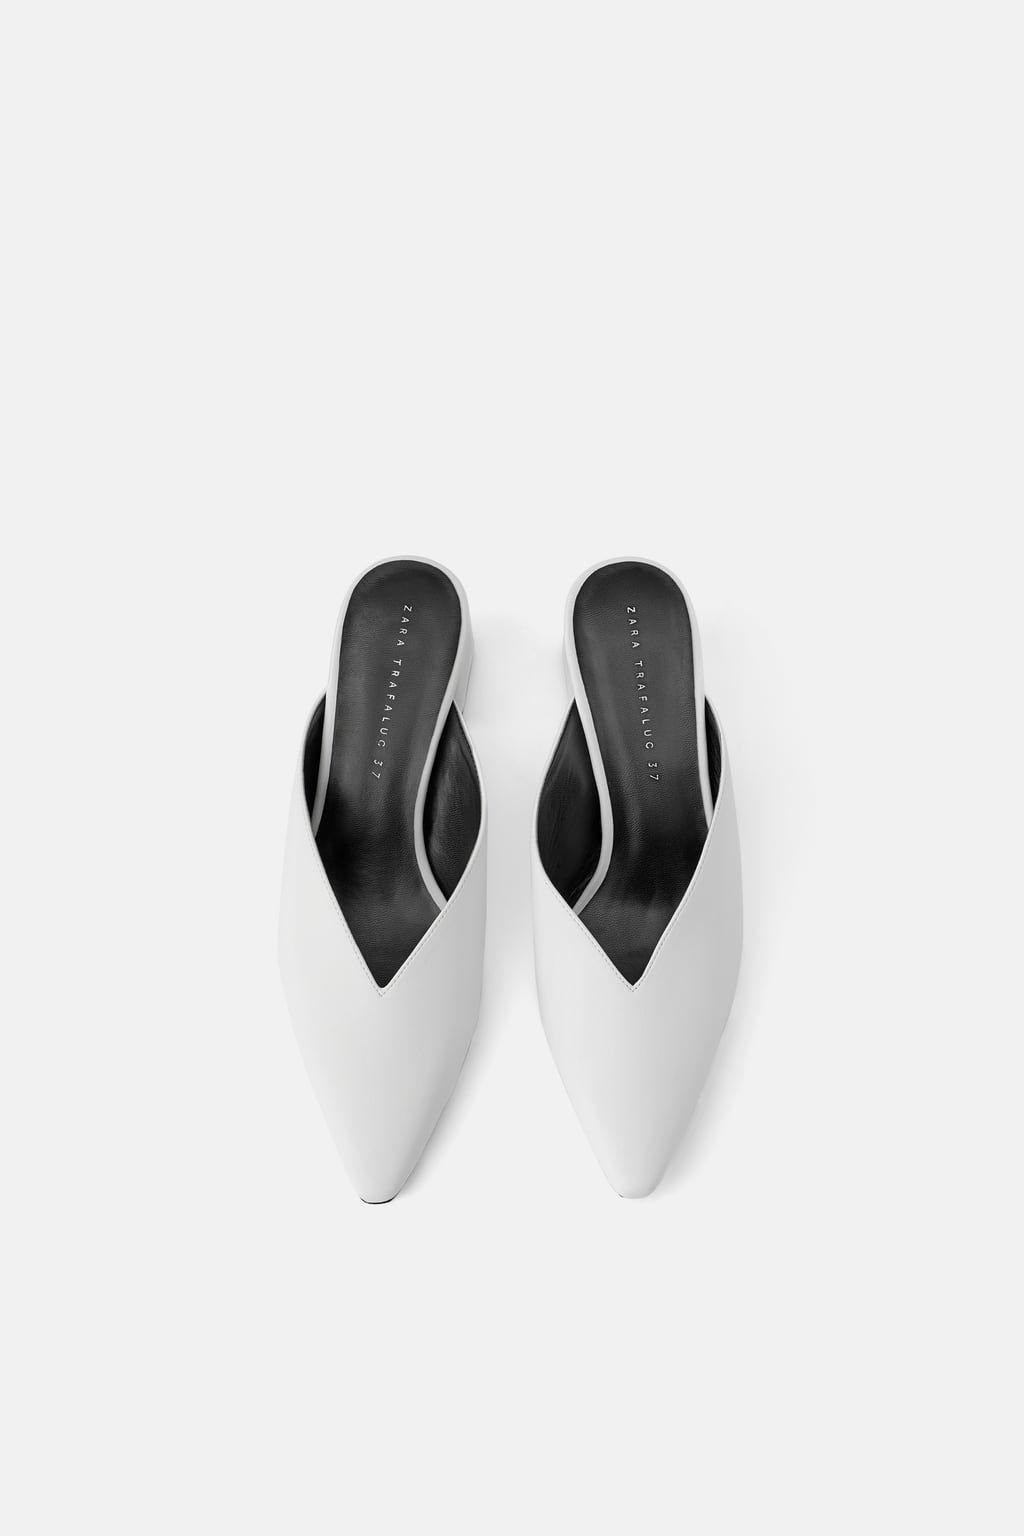 Klapki Typu Mules Na Obcasie Z Wycieciem Buty Kobieta Shoes Bags Zara Polska Heeled Mules Heels Women Shoes